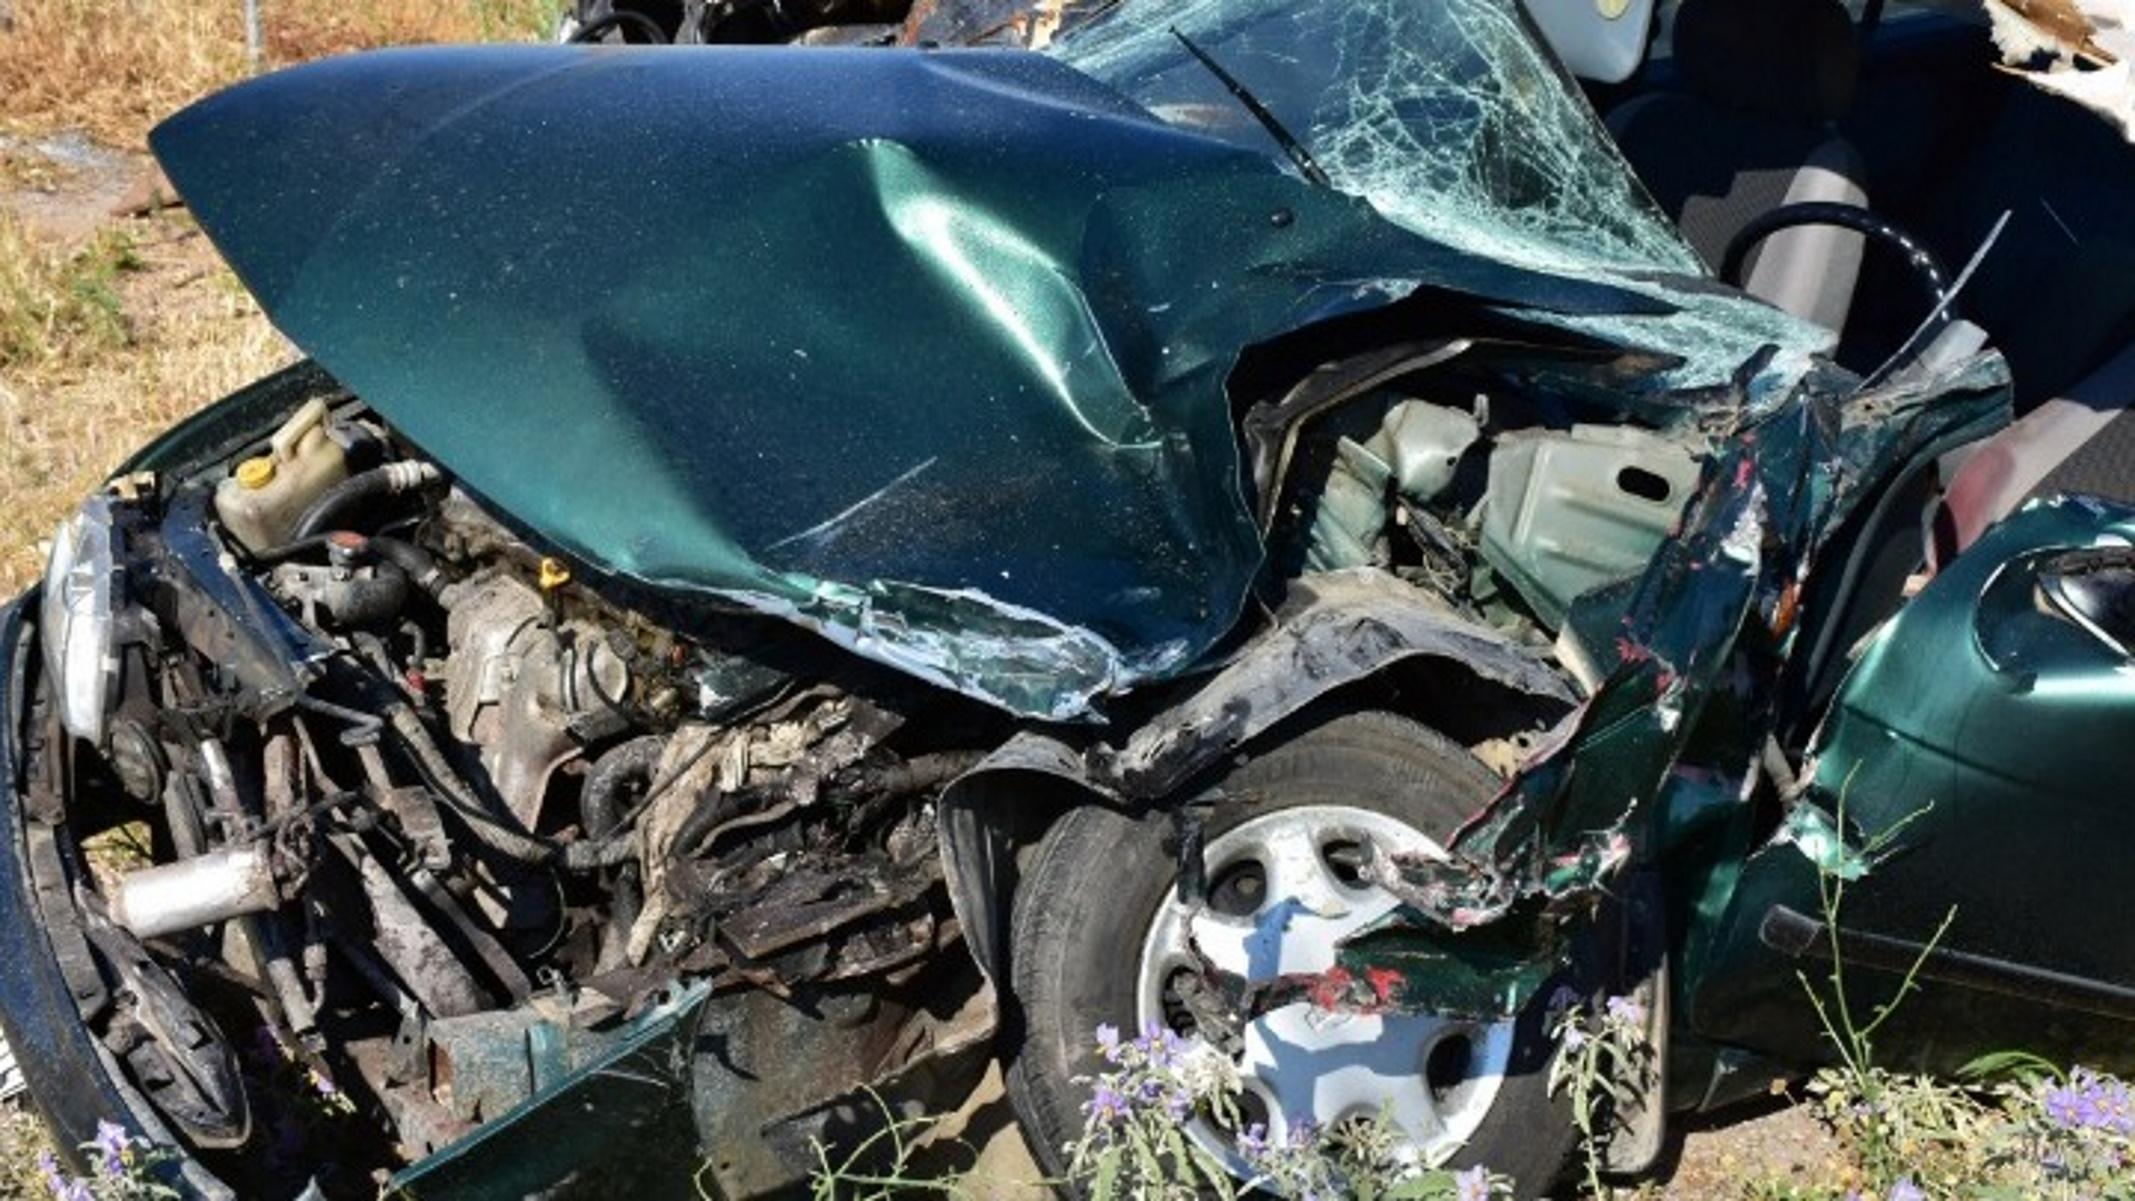 Τα τροχαία δυστυχήματα η κύρια αιτία θανάτου για παιδιά, εφήβους και νέους